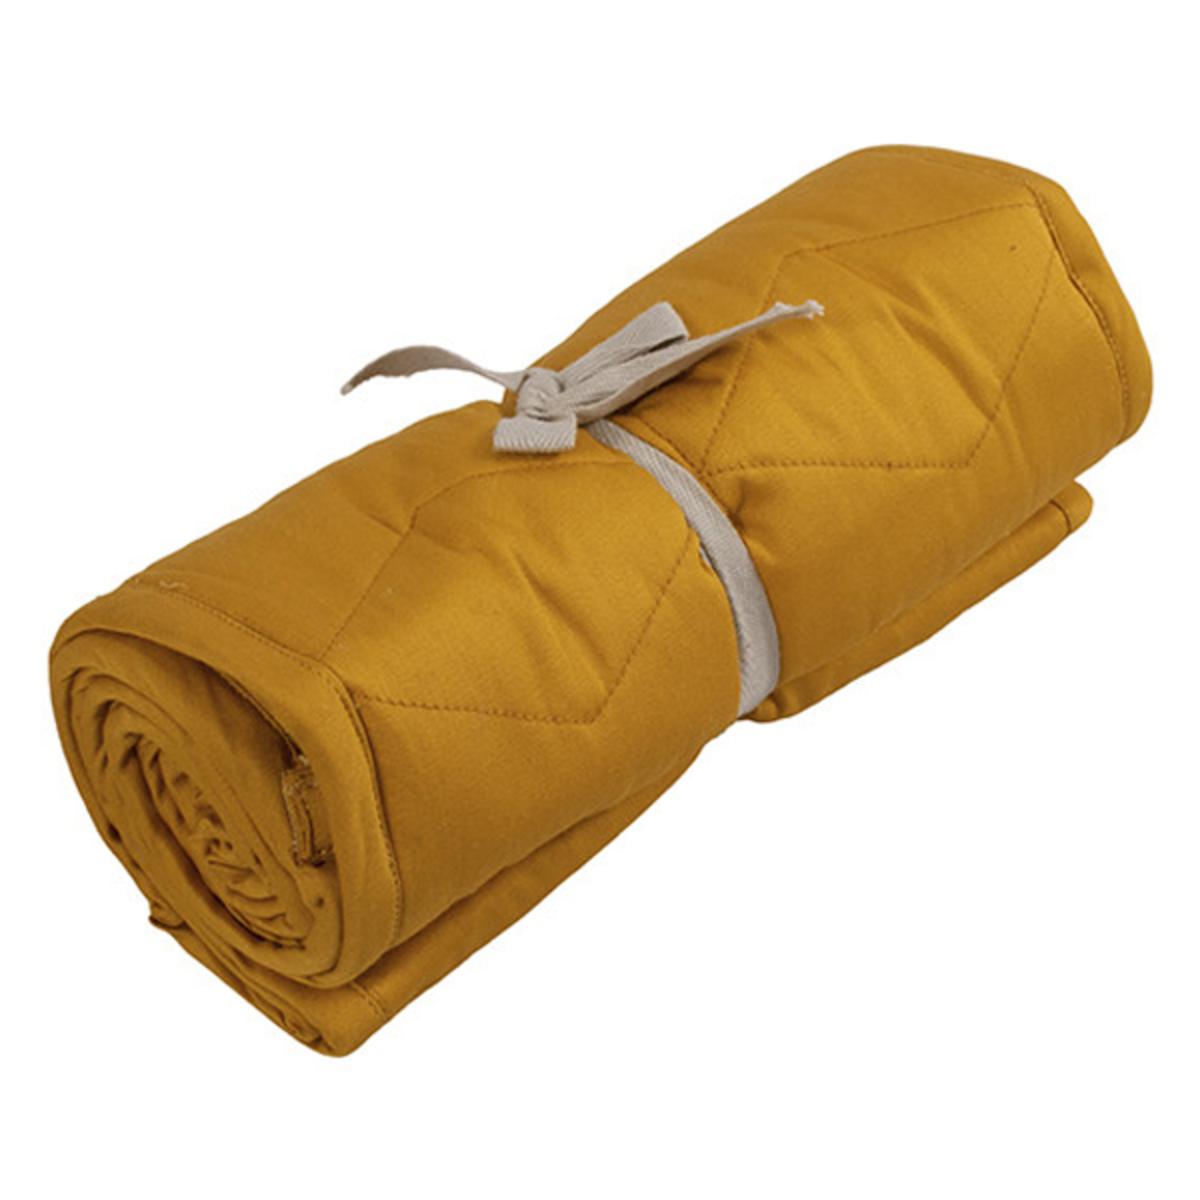 Linge de lit Tour de Lit - Moutarde Tour de Lit - Moutarde